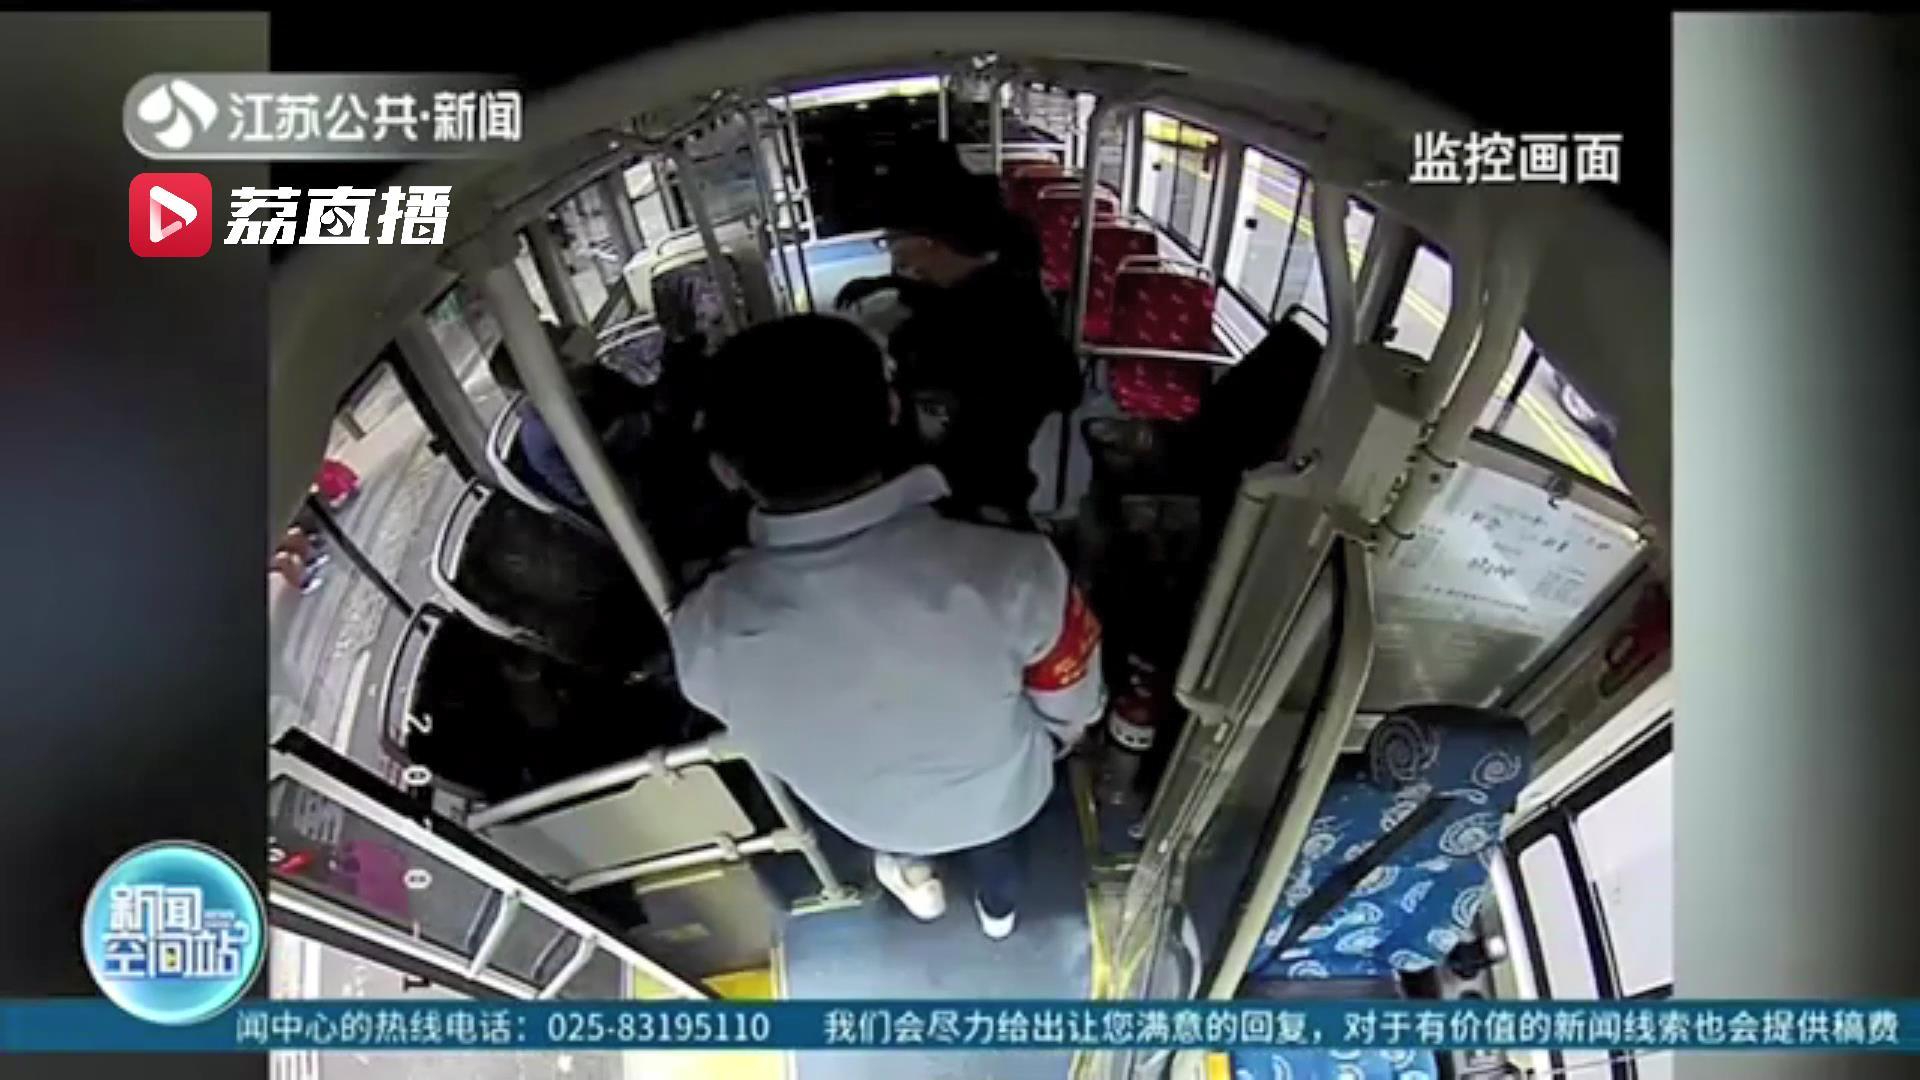 暖心!盲人赶公交敲碎车玻璃 公交司机:不要你赔